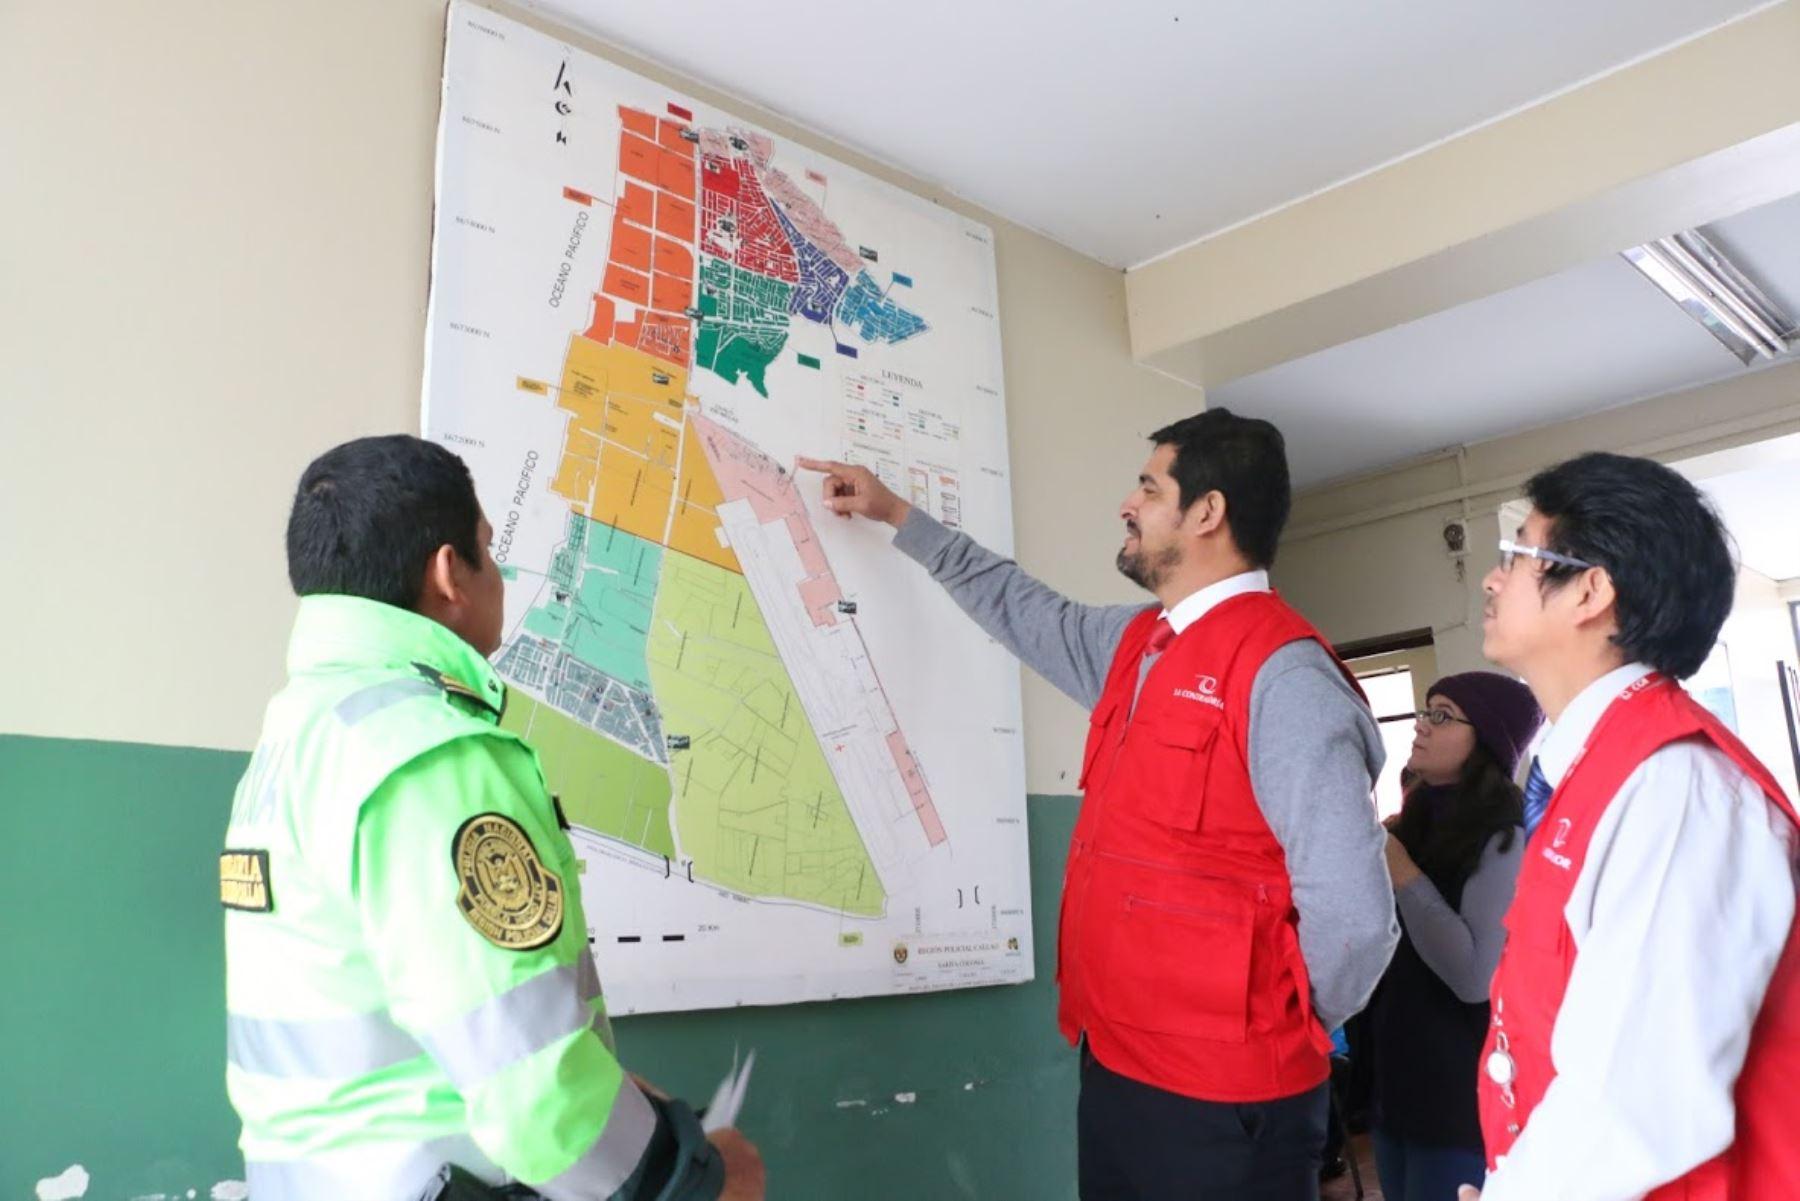 En operativo Seguridad Ciudadana 2019 la Contraloría verificará si mapas de riesgos y delitos de las comisarías están actualizados.